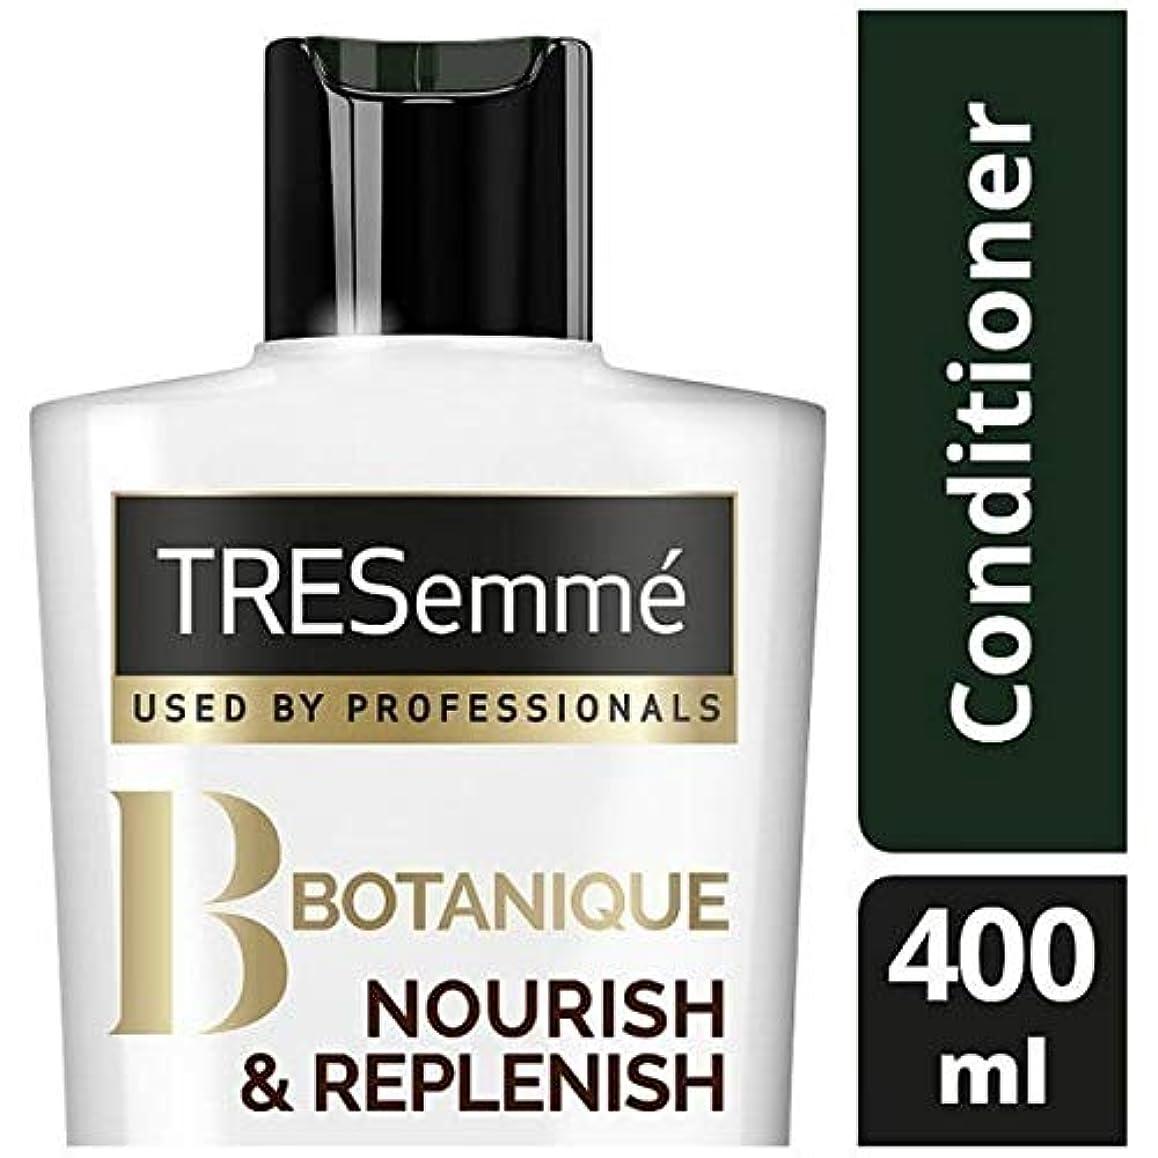 膨らみ消えるミット[Tresemme] Tresemmeのボタニックを養う&コンディショナー400ミリリットルを補充します - TRESemme Botanique Nourish & Replenish Conditioner 400ml...